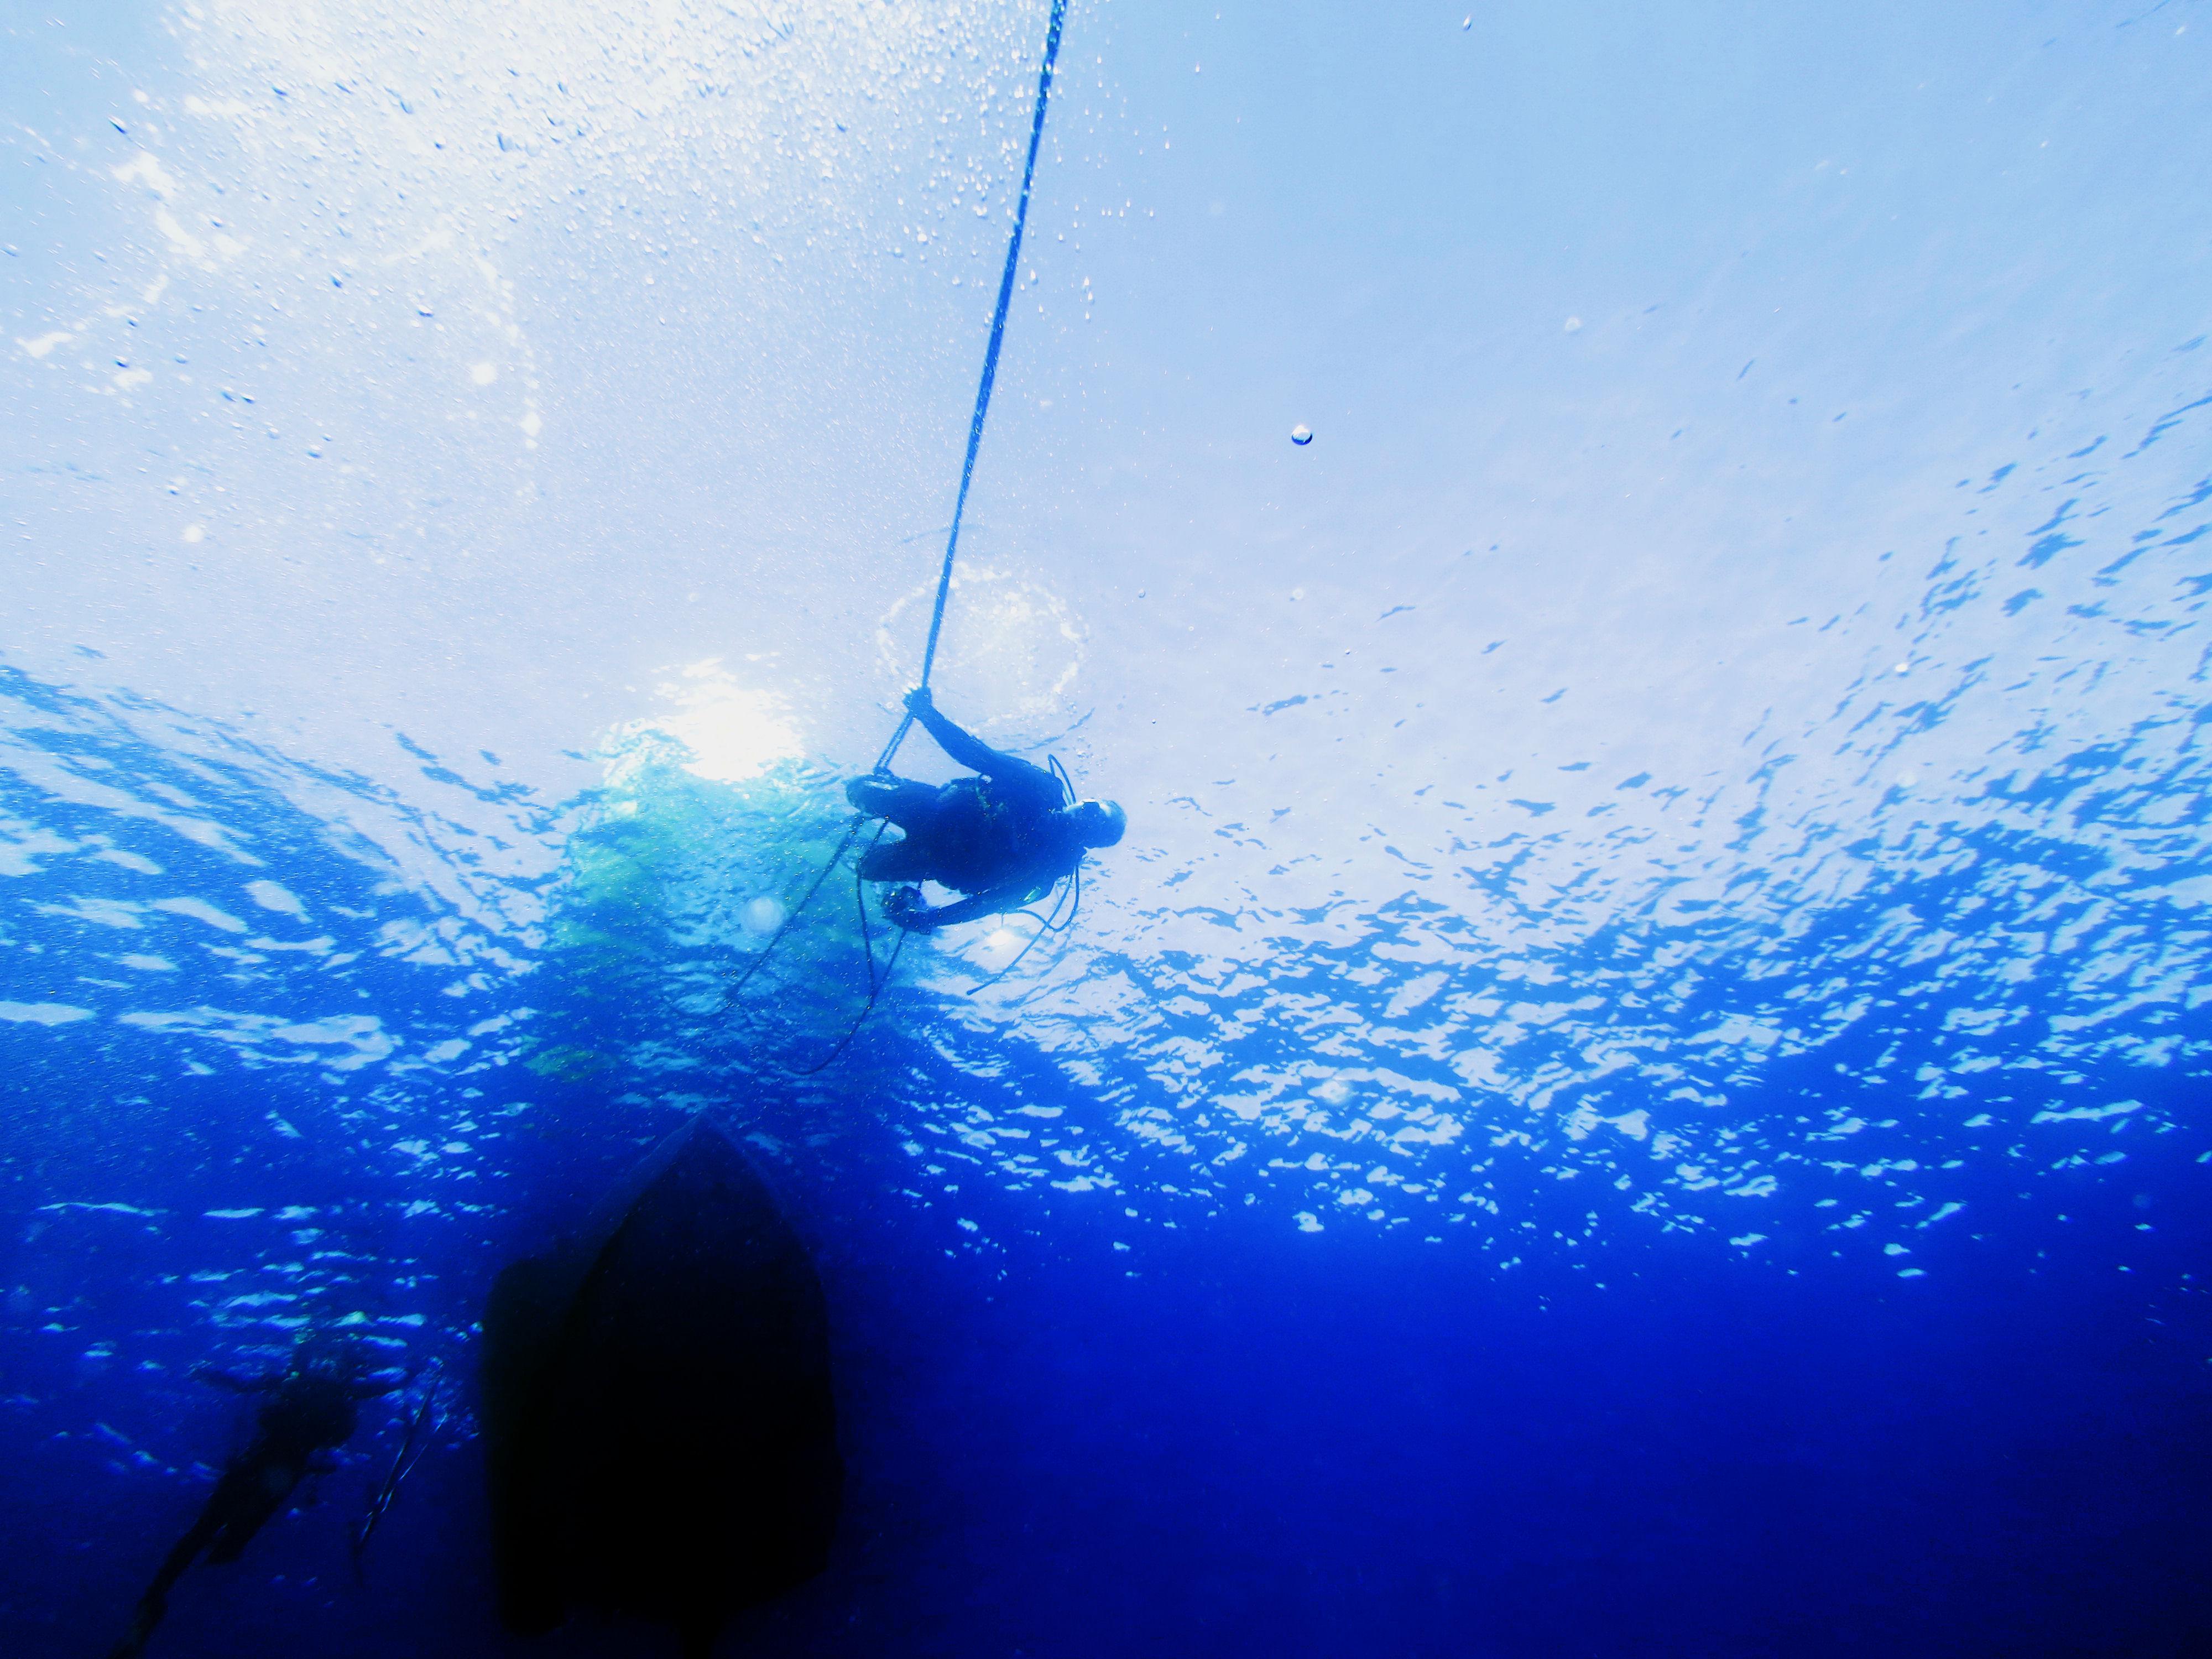 Deep stop: la sosta profonda è defunta? di Pasquale Longobardi